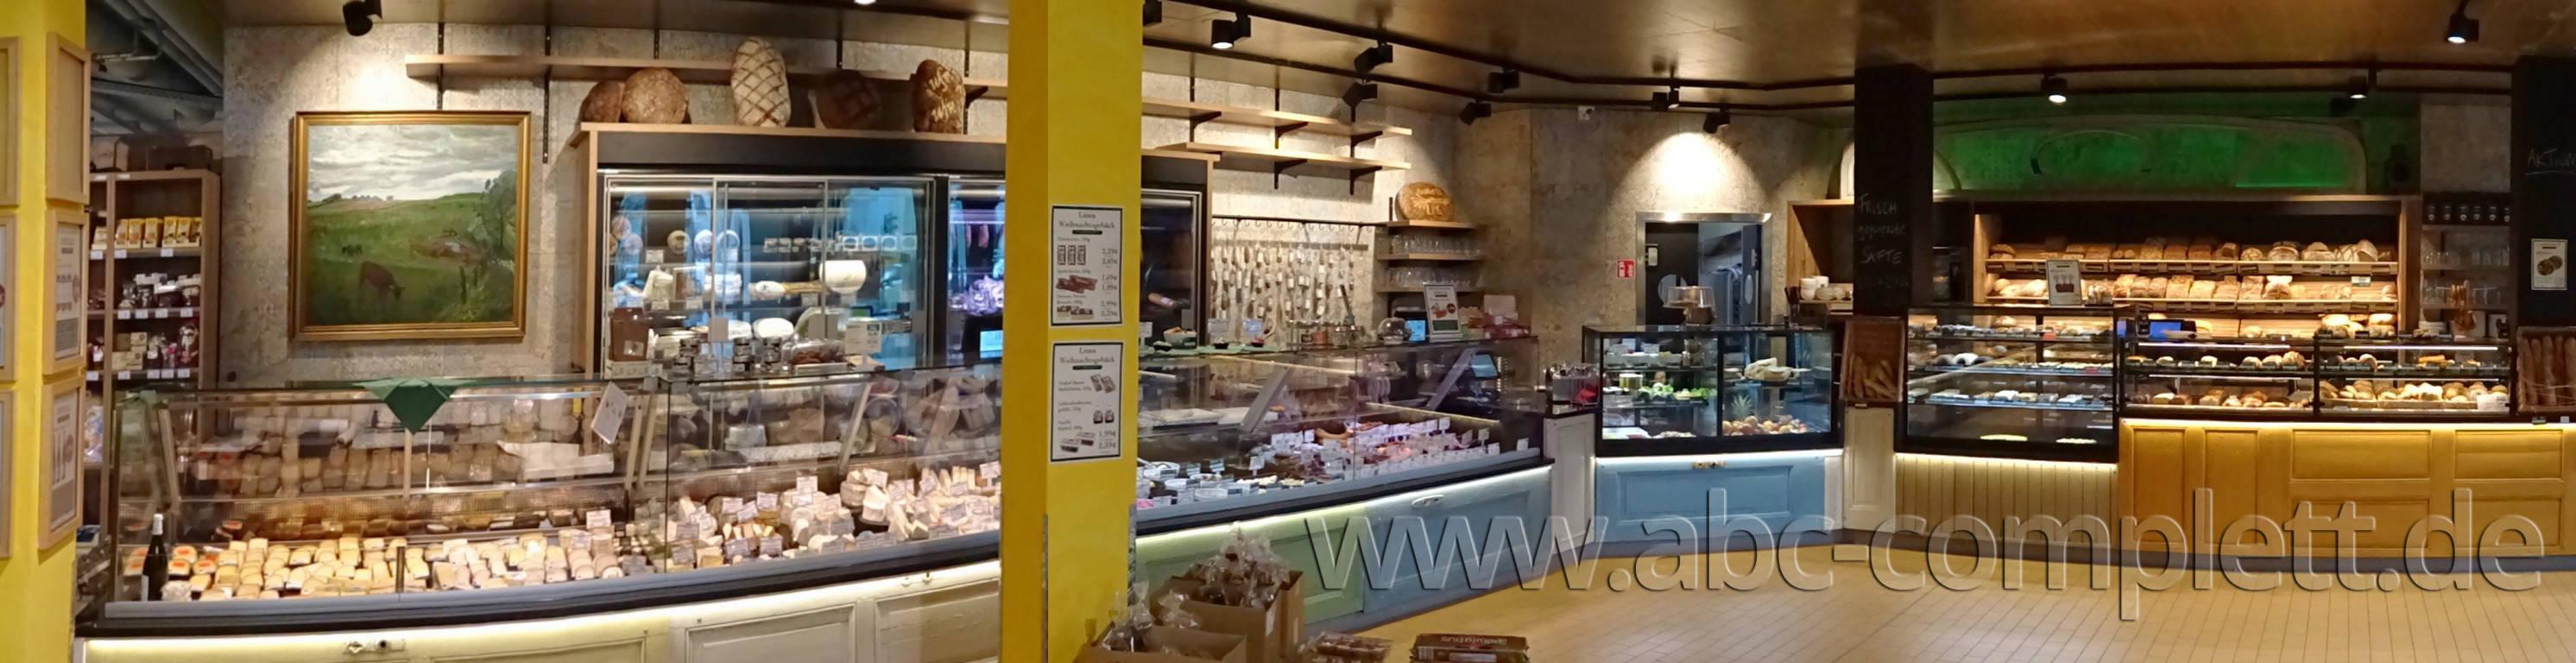 Ansicht des Geschäfts: LPG Biomarkt, lt. Referenzen Bio Supermarkt, Berlin / diverse, Foto 5